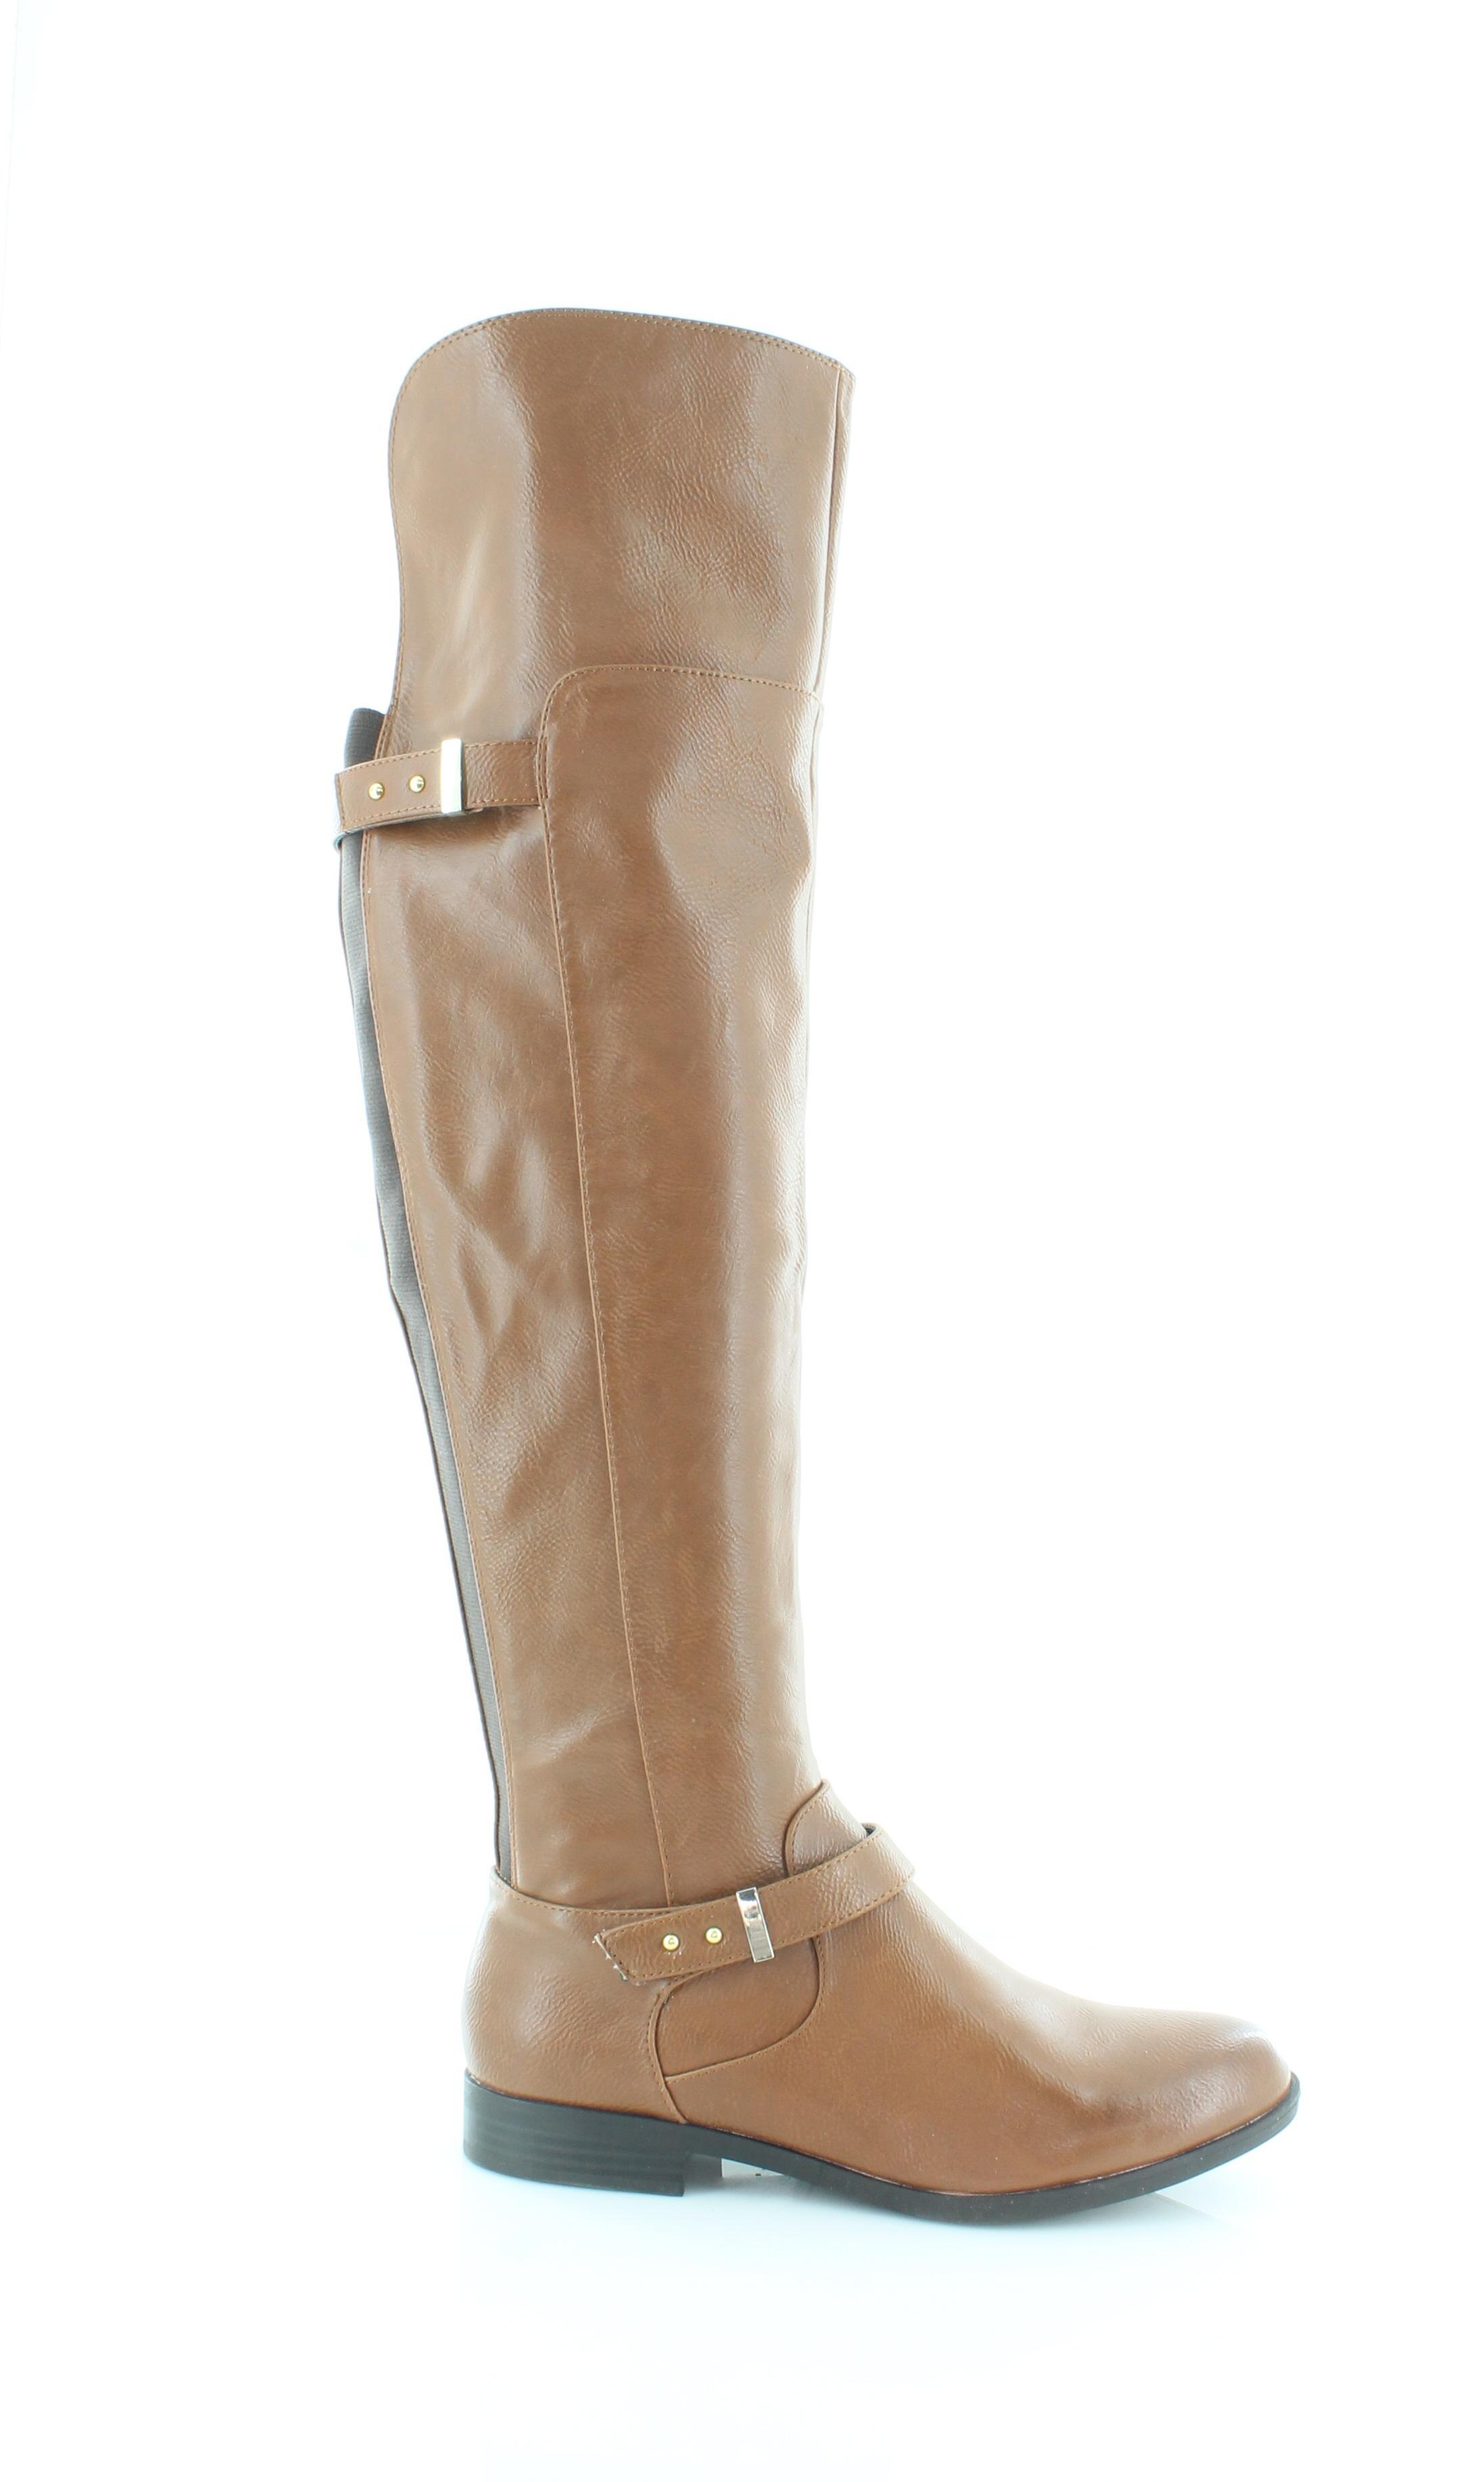 Bar III New Daphne Braun Damenschuhe Schuhes Größe M 7.5 M Größe Stiefel MSRP 129.99 ... 9190dc